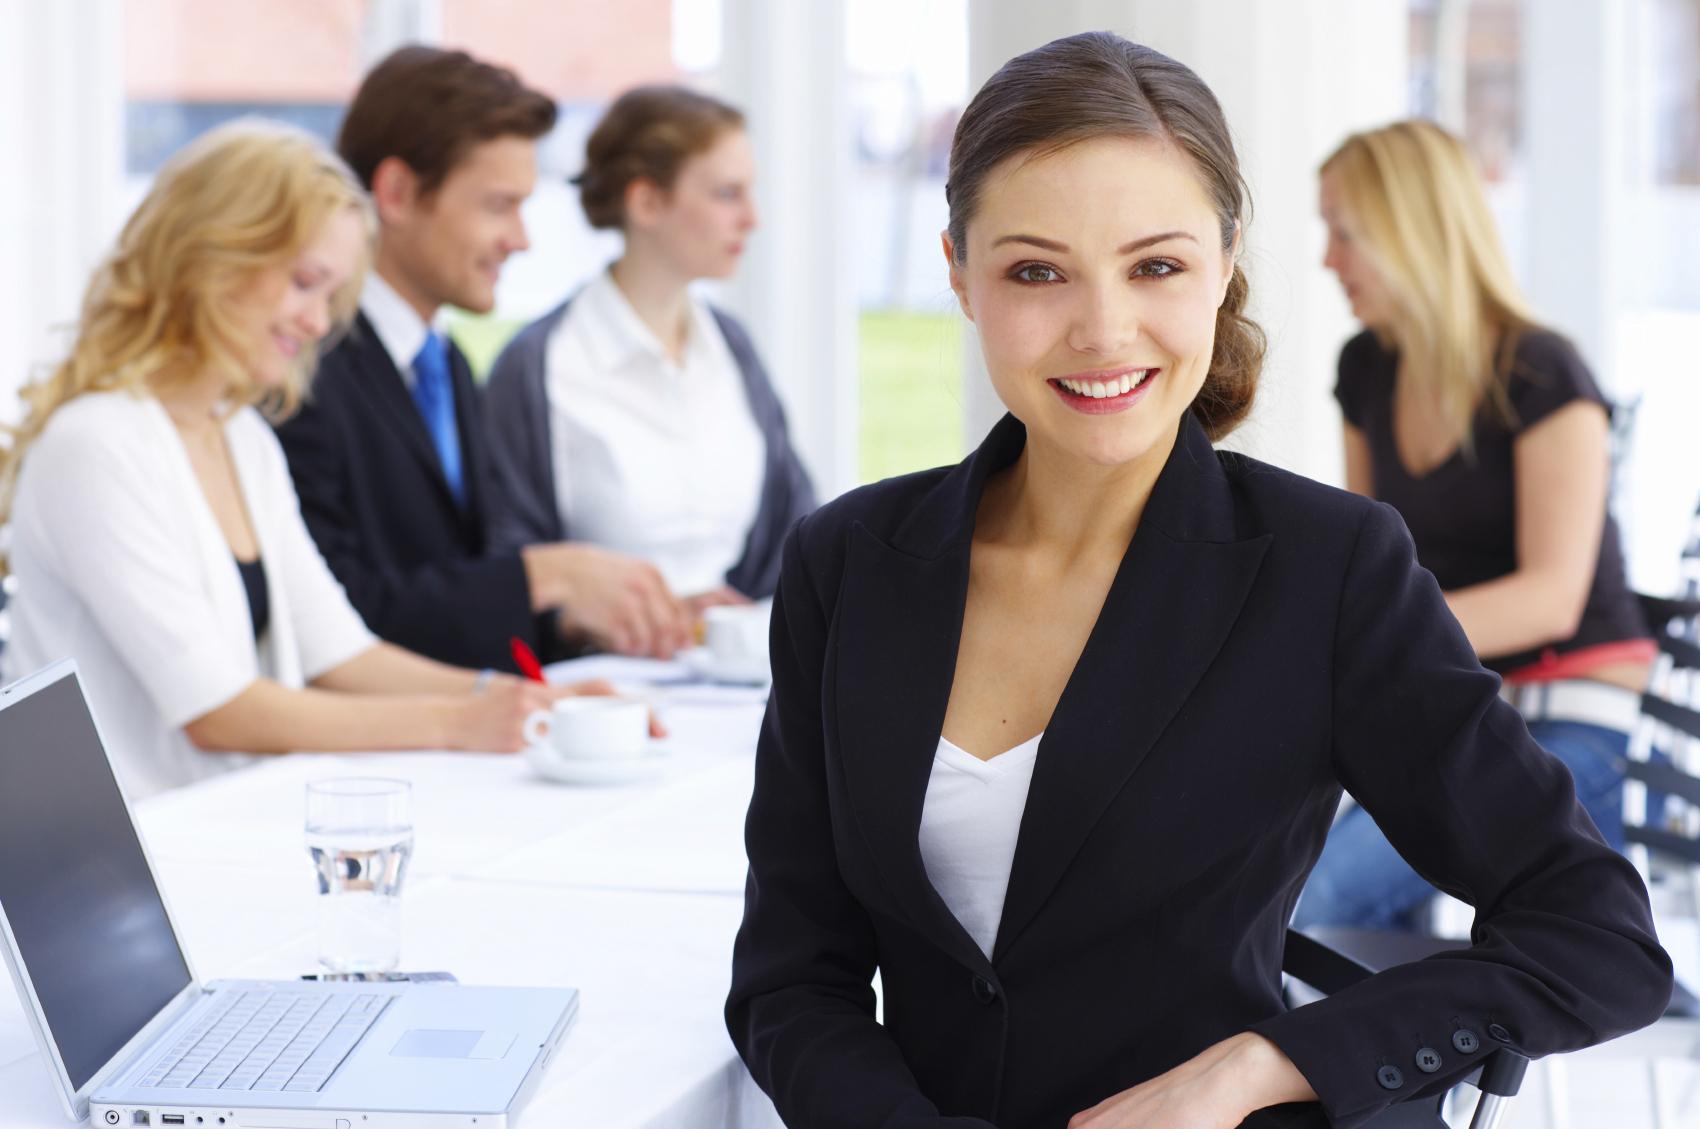 Imprese femminili, niente crisi: la ripresa è donna (anche straniera)